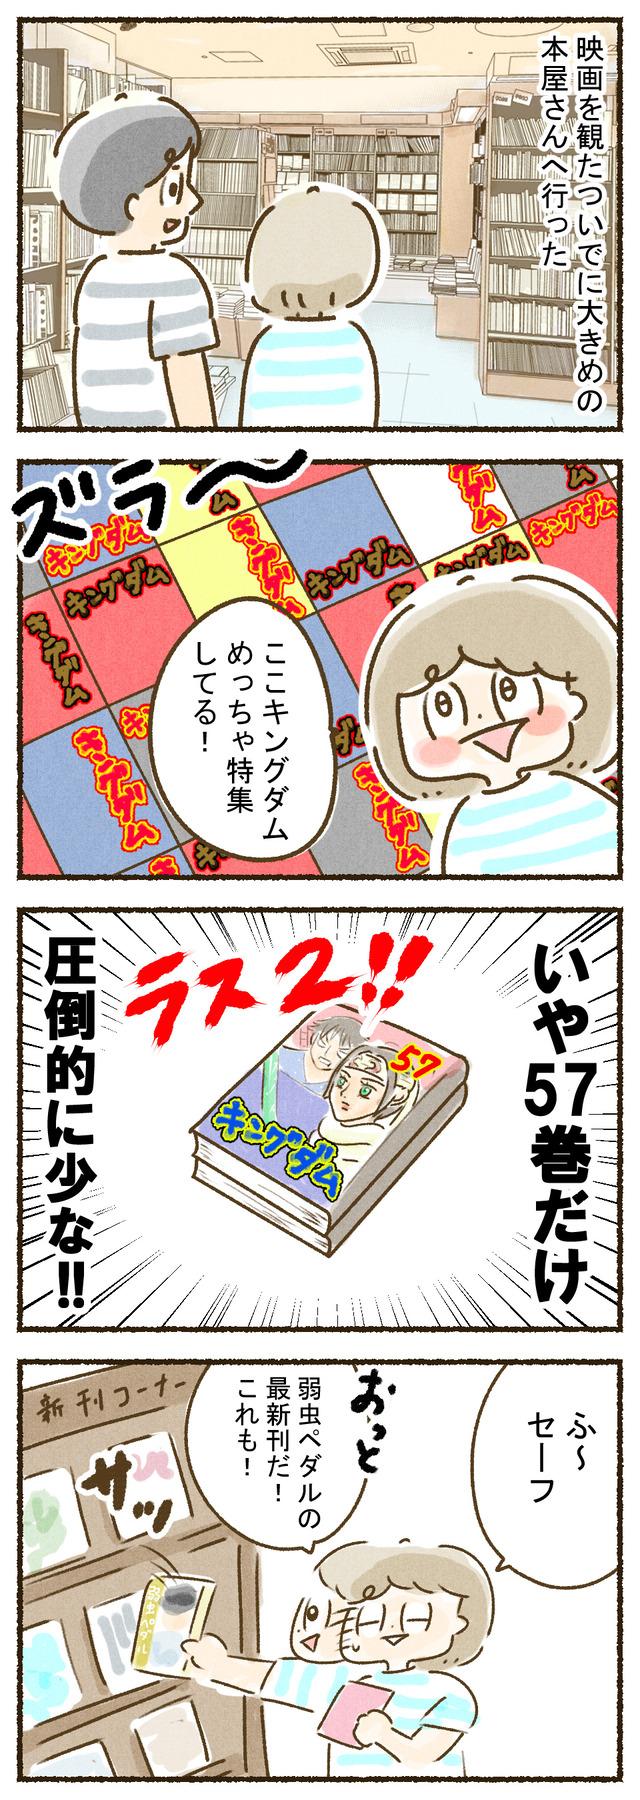 new_comic01